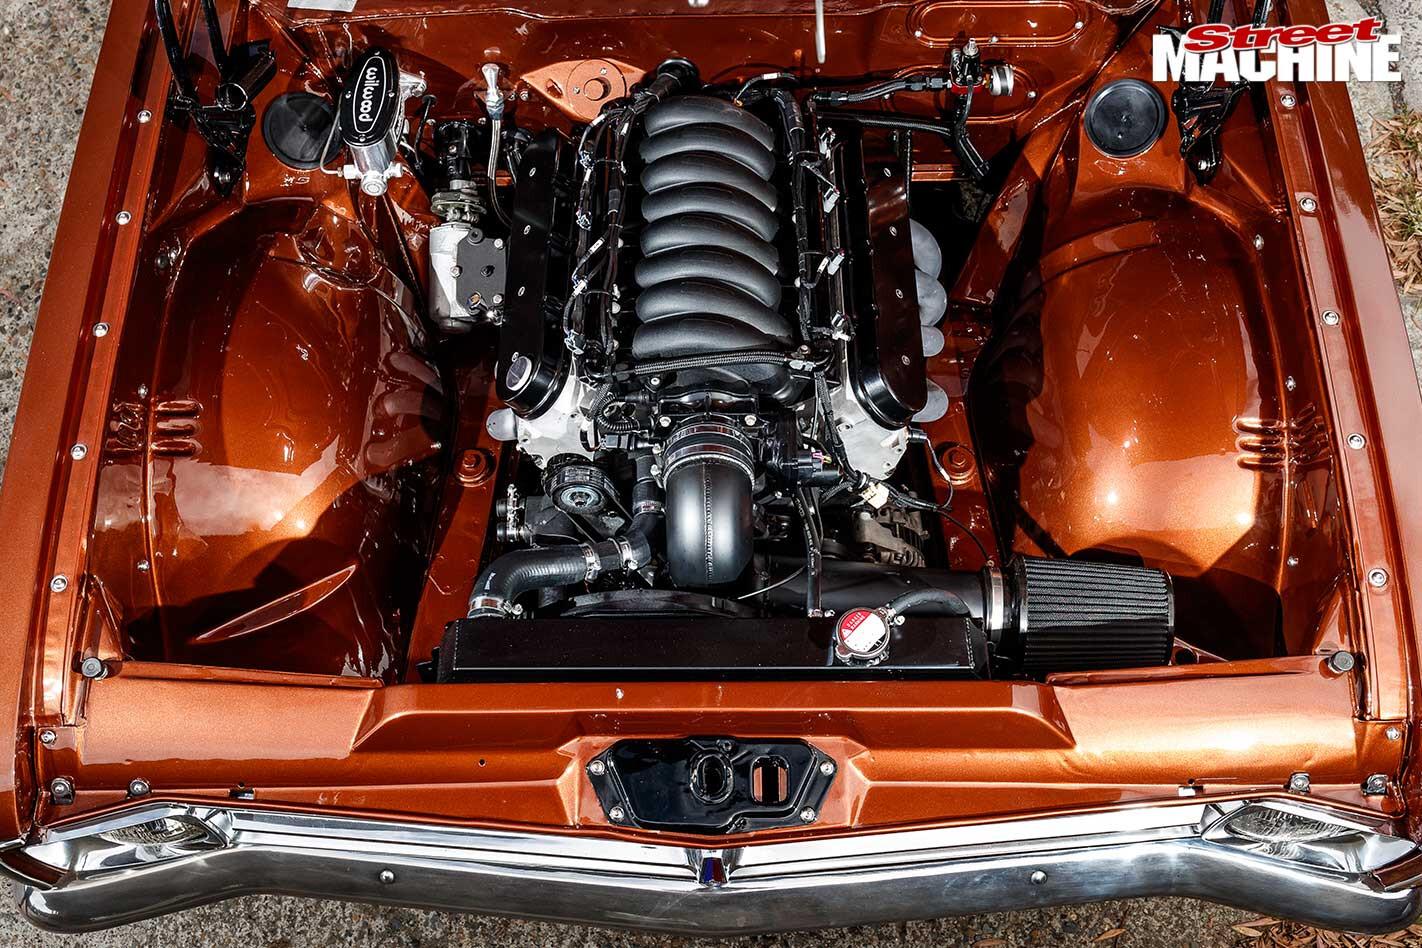 Holden HK Kingswood engine bay